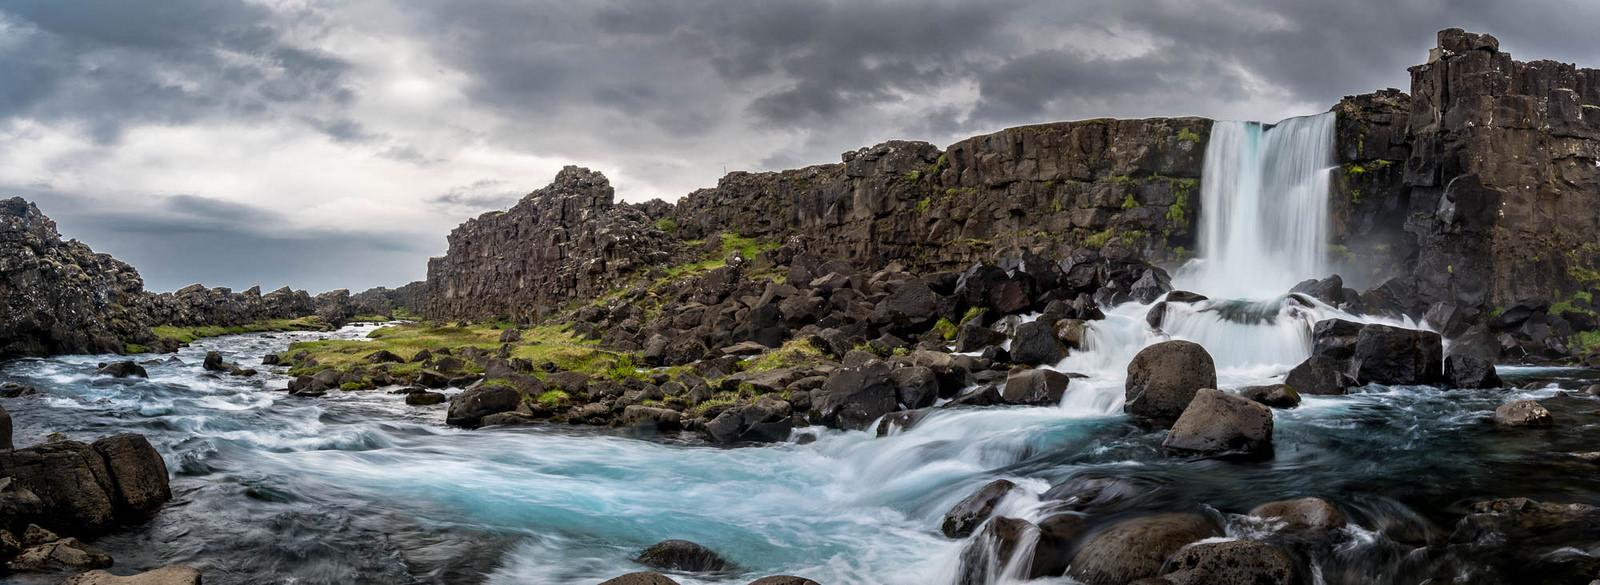 Divoká příroda Islandu, Ron Kroetz